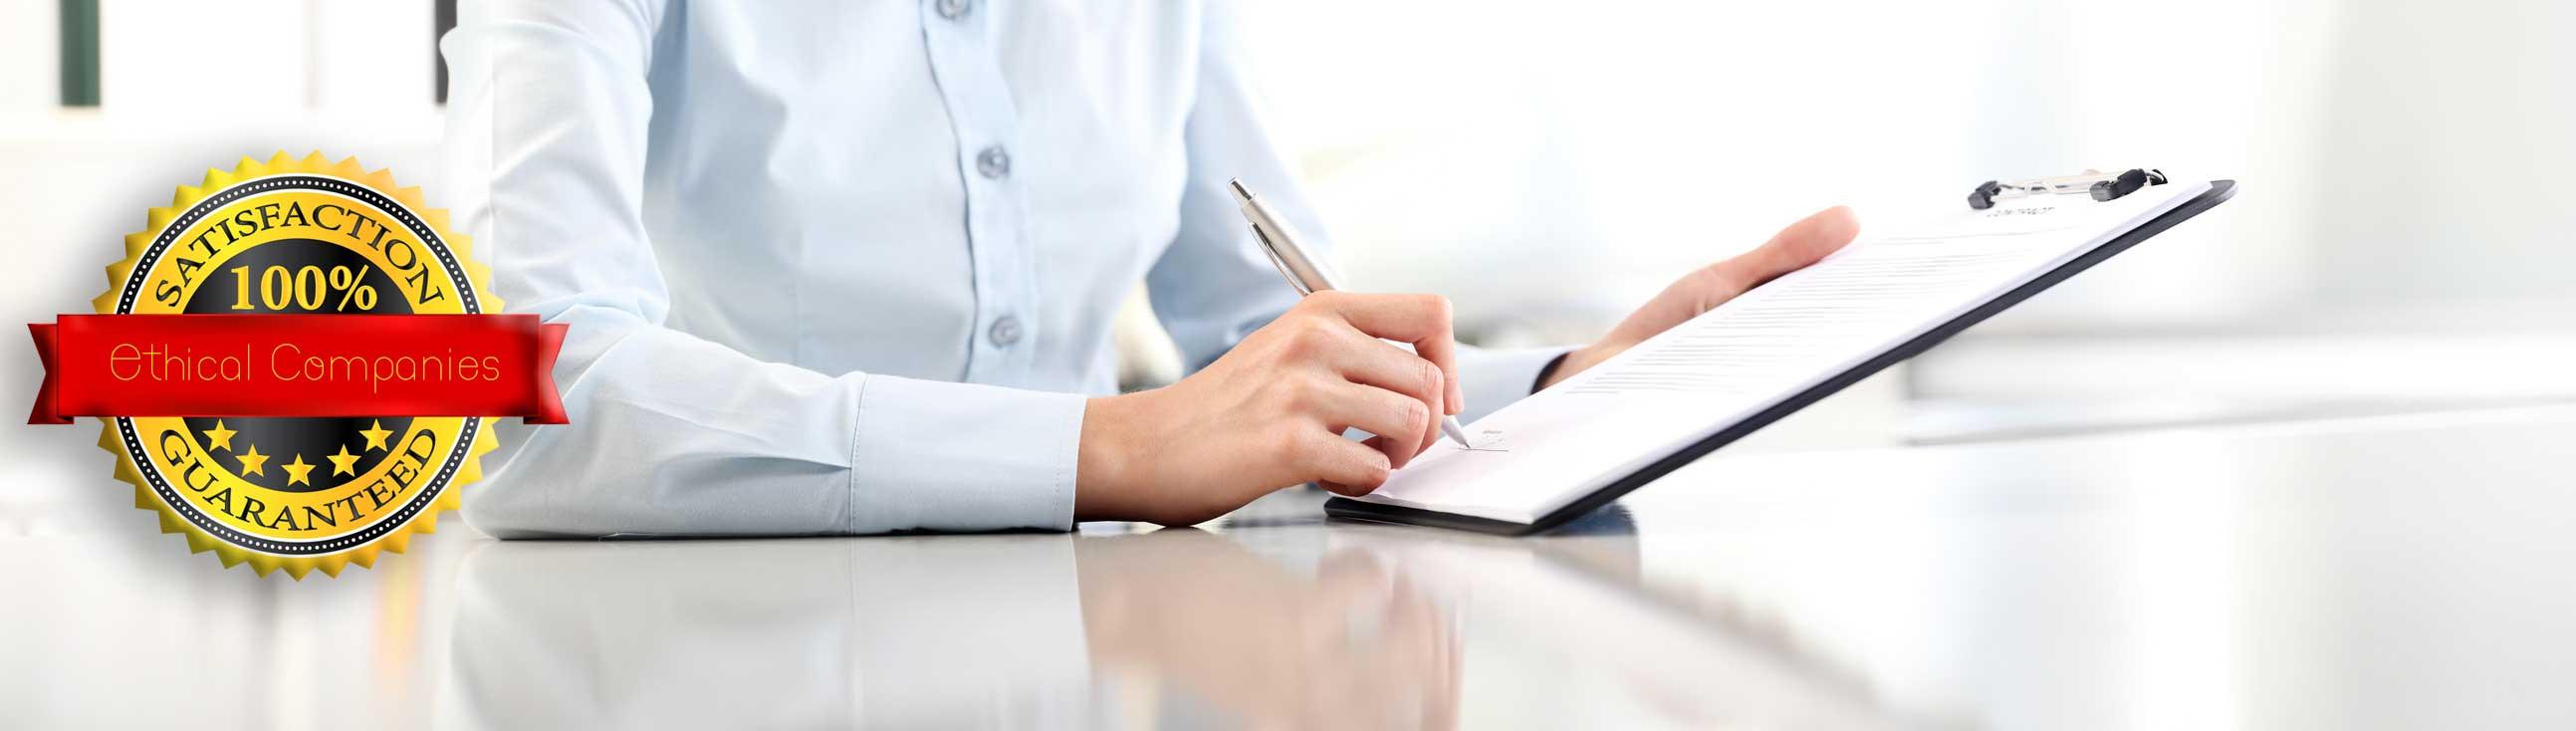 registra tu contrato con nosotros asesoramiento legal en biriska para empresas y clientes